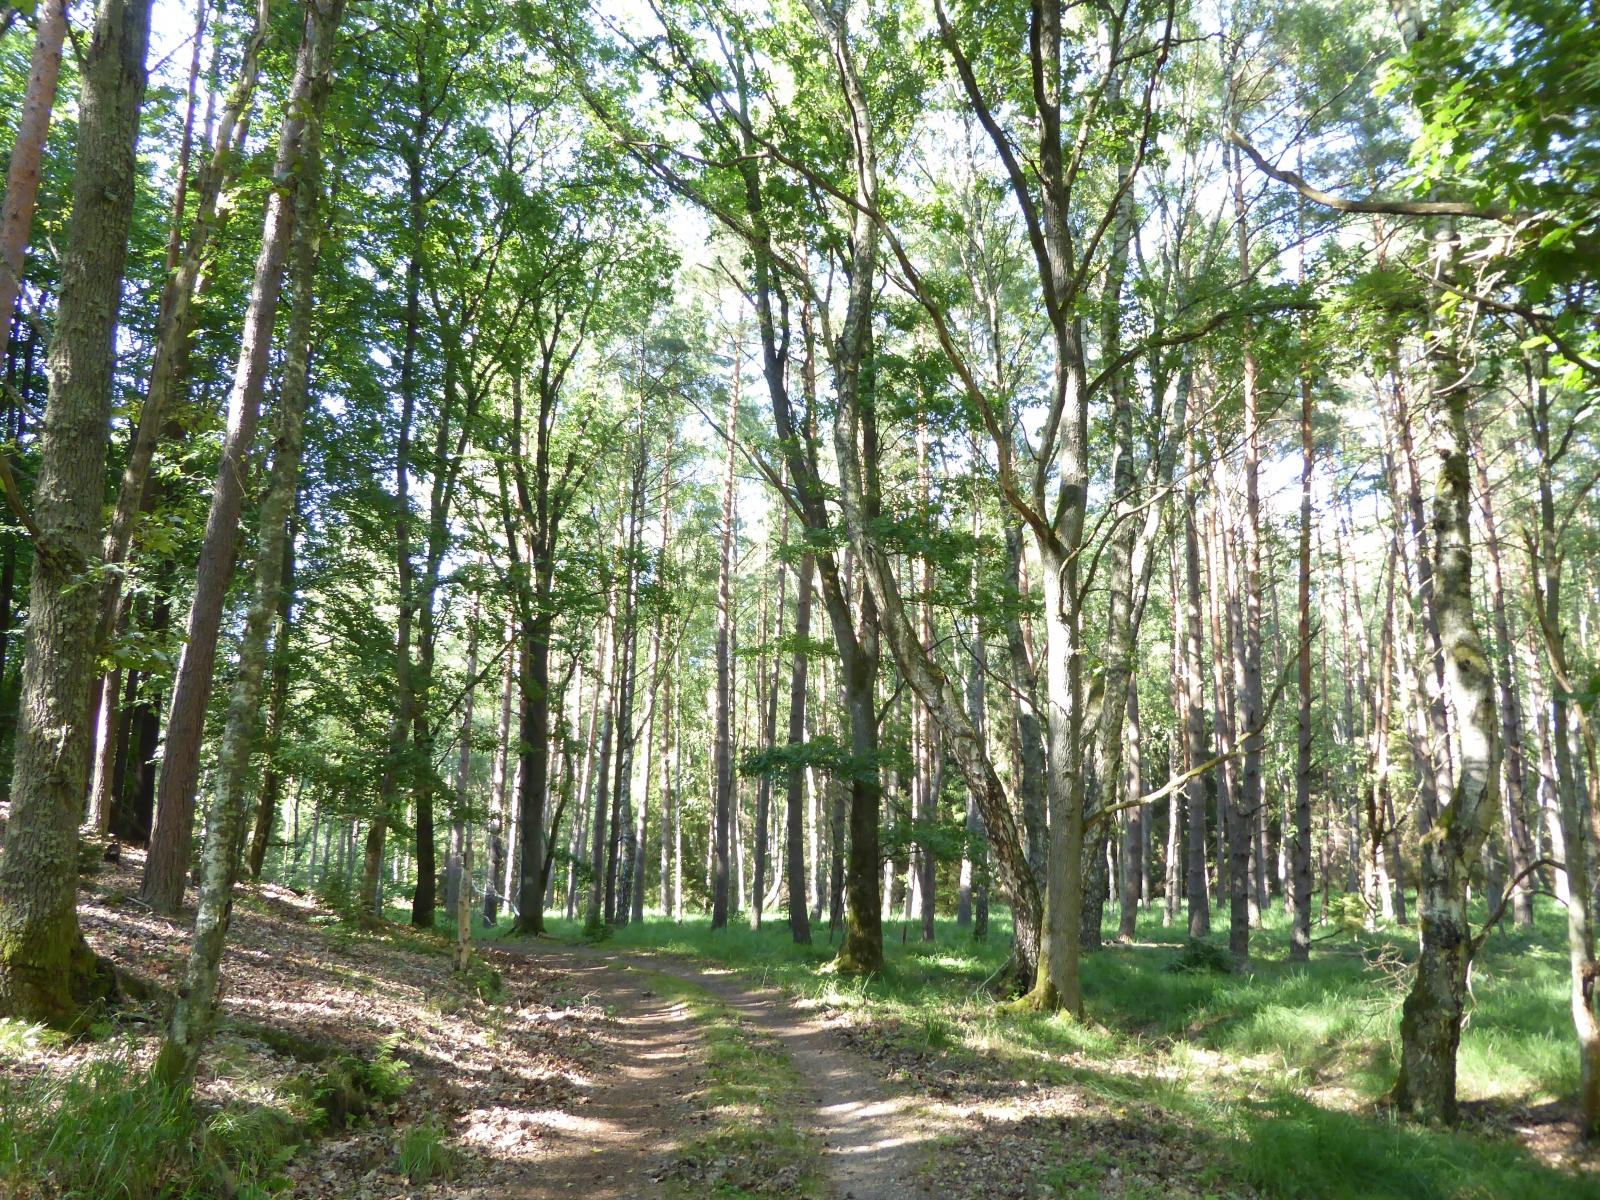 Zwischendurch gibt es auch immer wieder Abschnitte, die durch den Wald führen. Das war gerade bei den sommerlichen Temperaturen sehr angenehm.